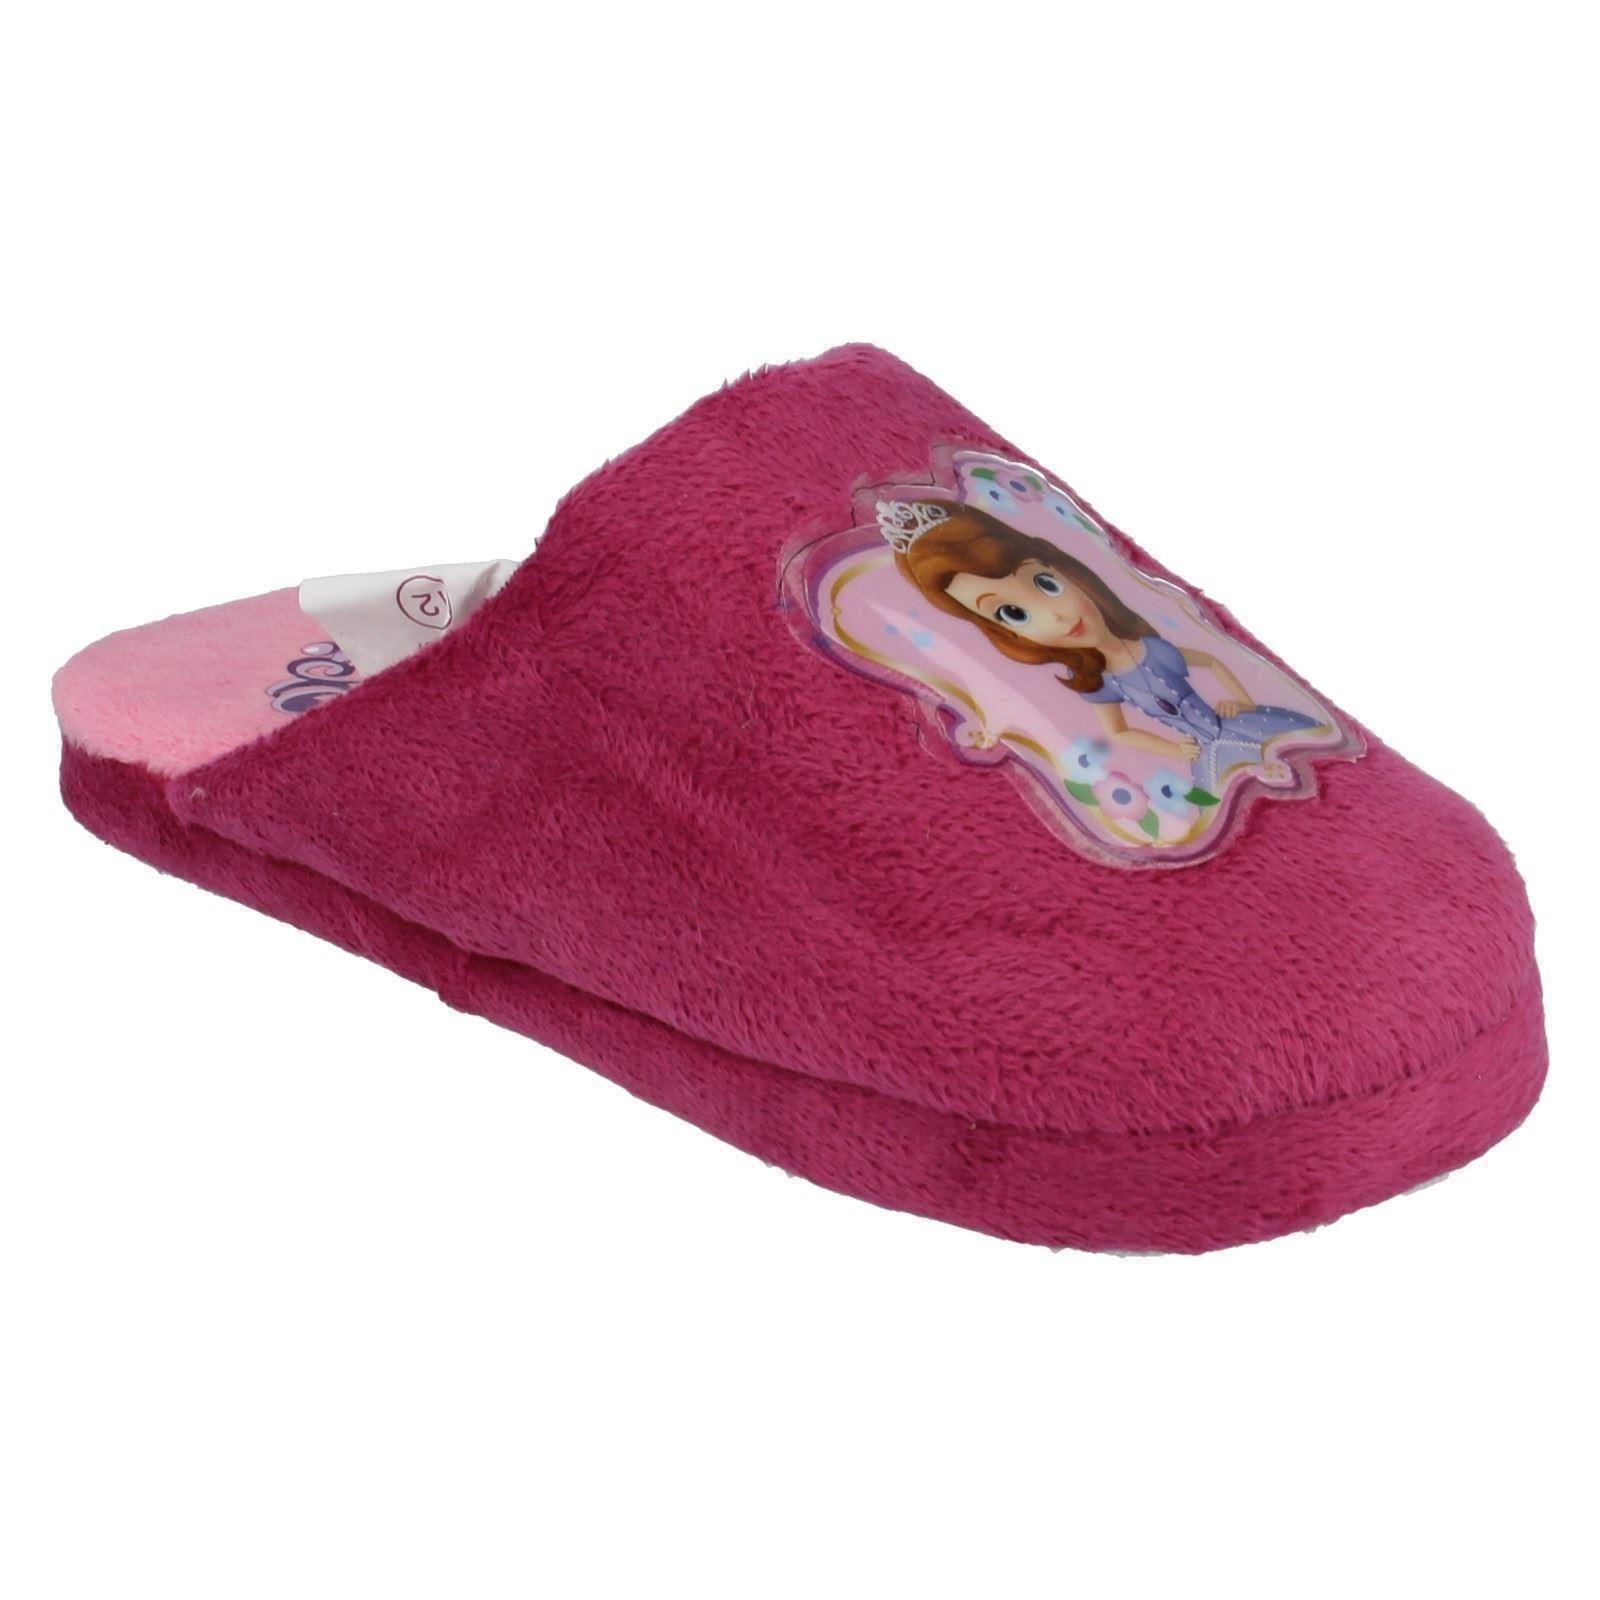 Chicas Disney Princesa Sofía La Primera Zapatillas Estilo-wd8166